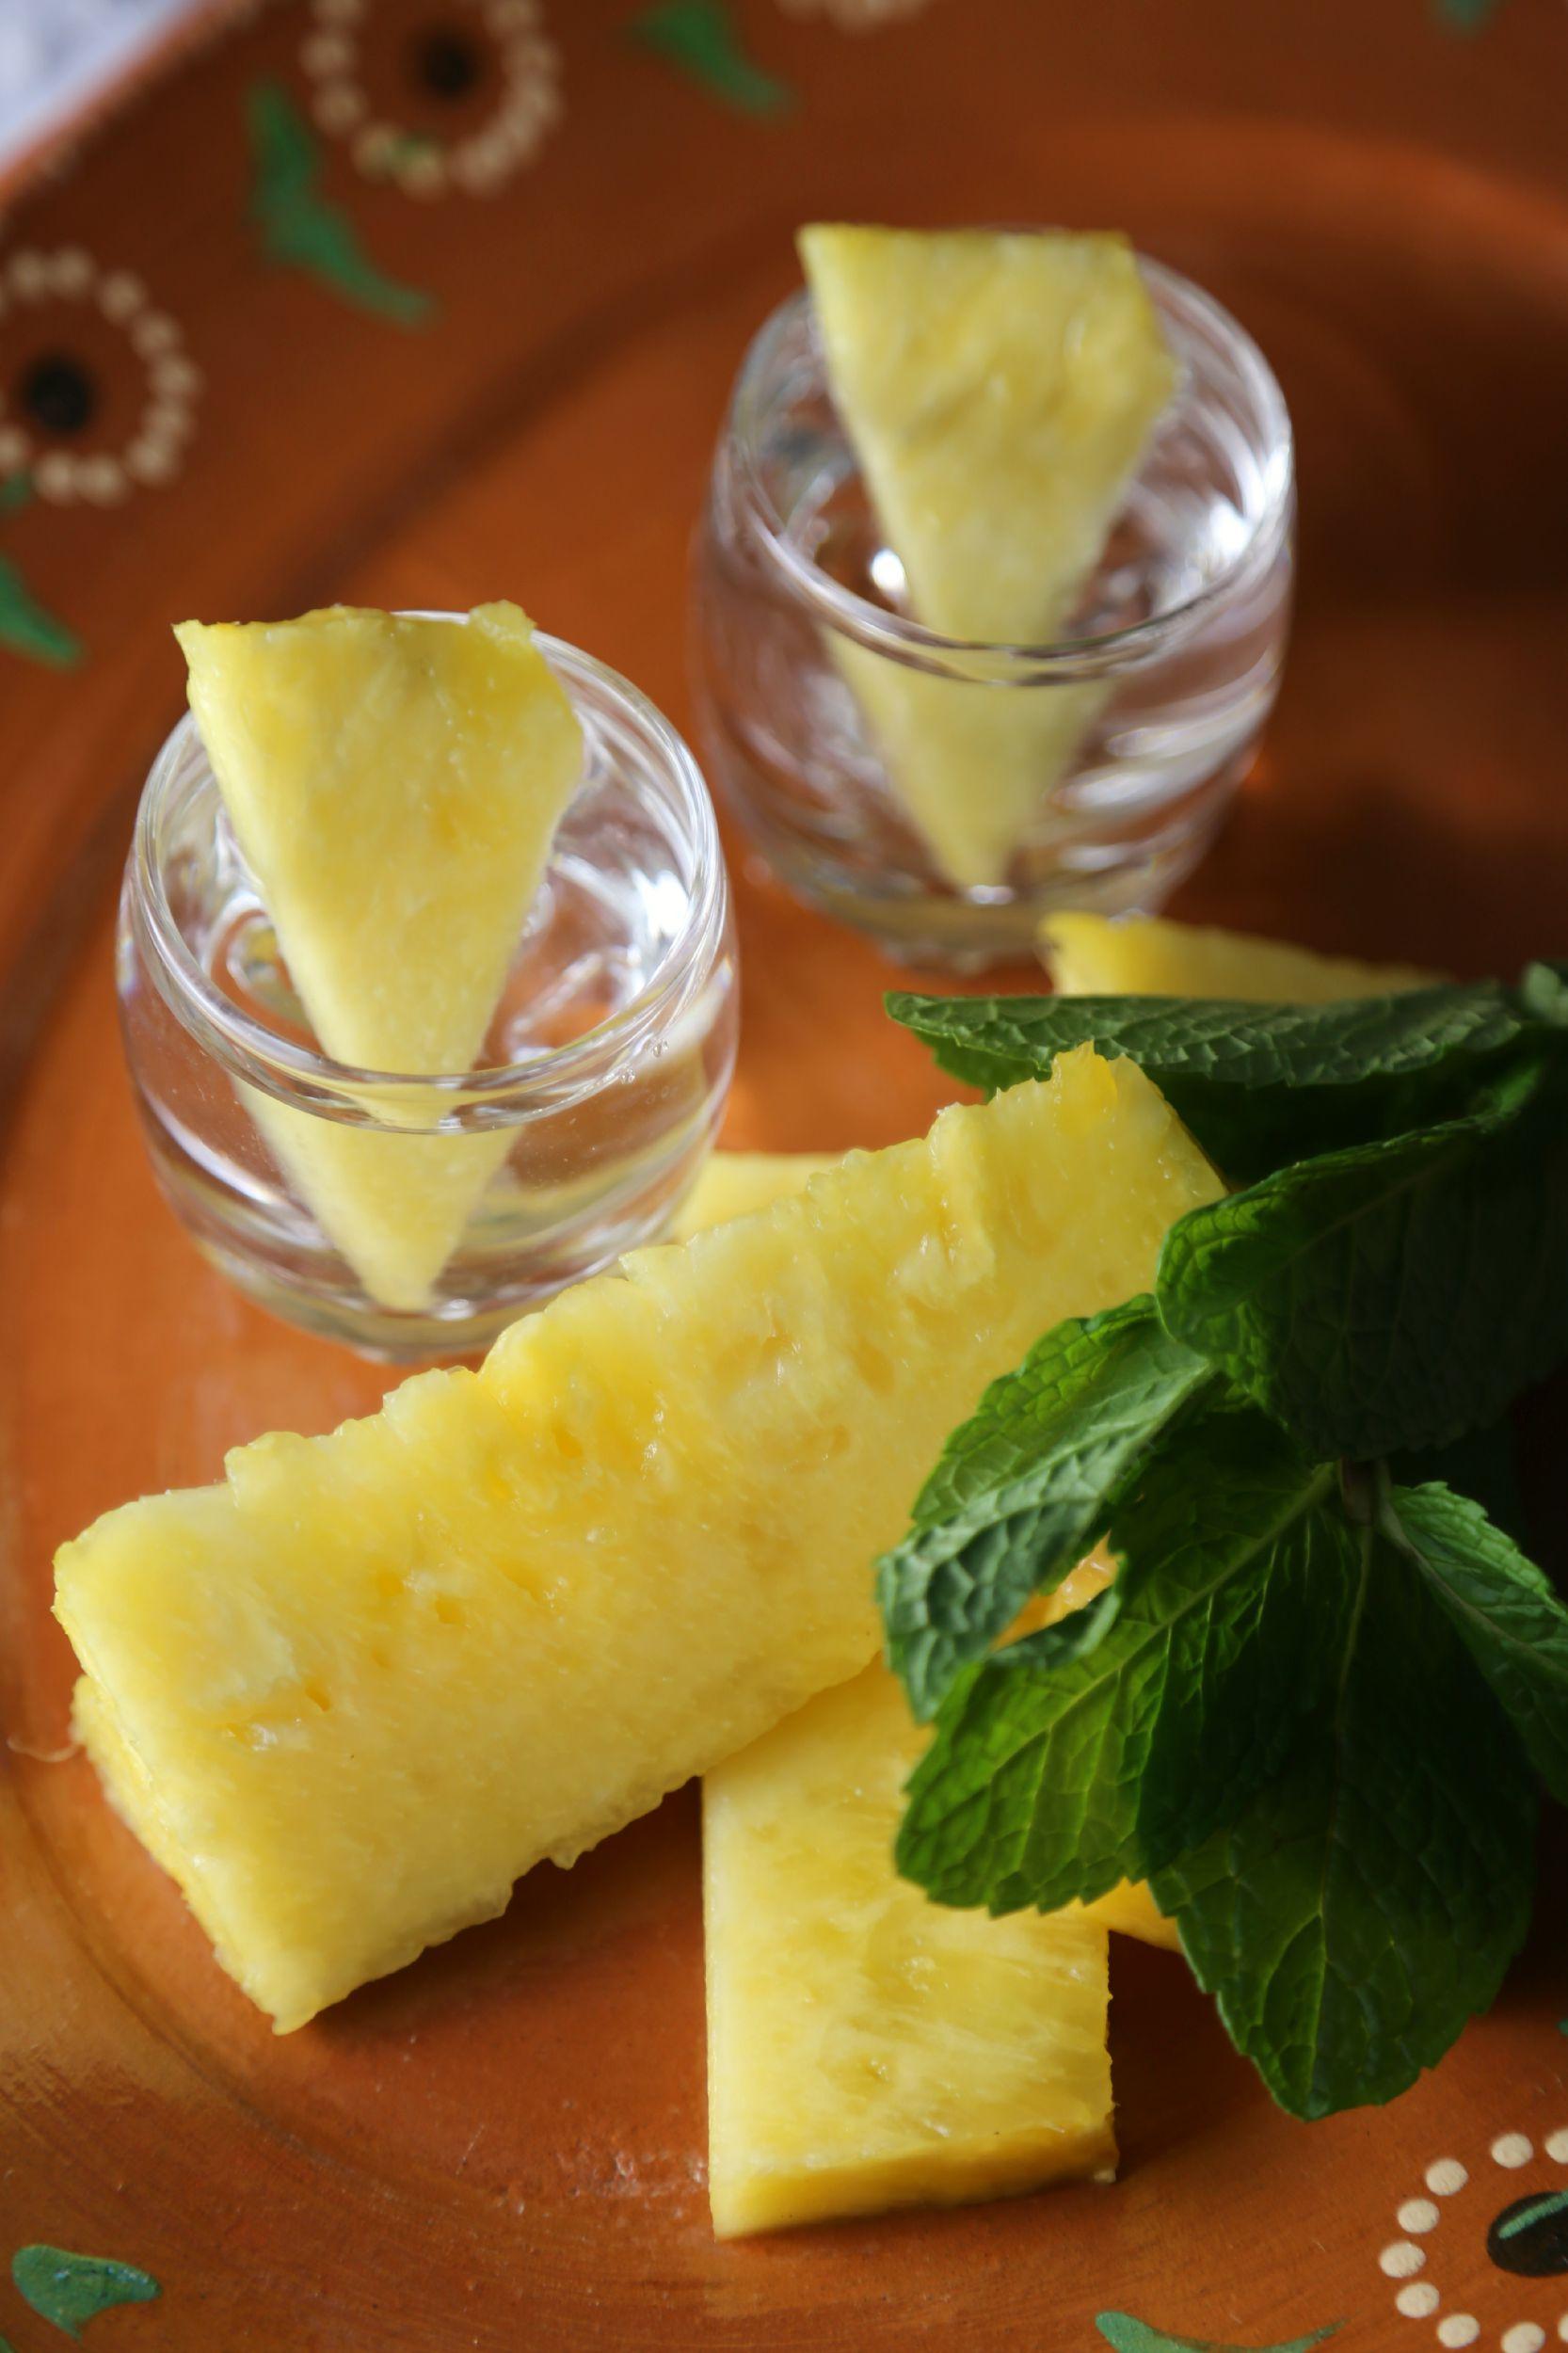 Vodka Infused Pineapple Drinks